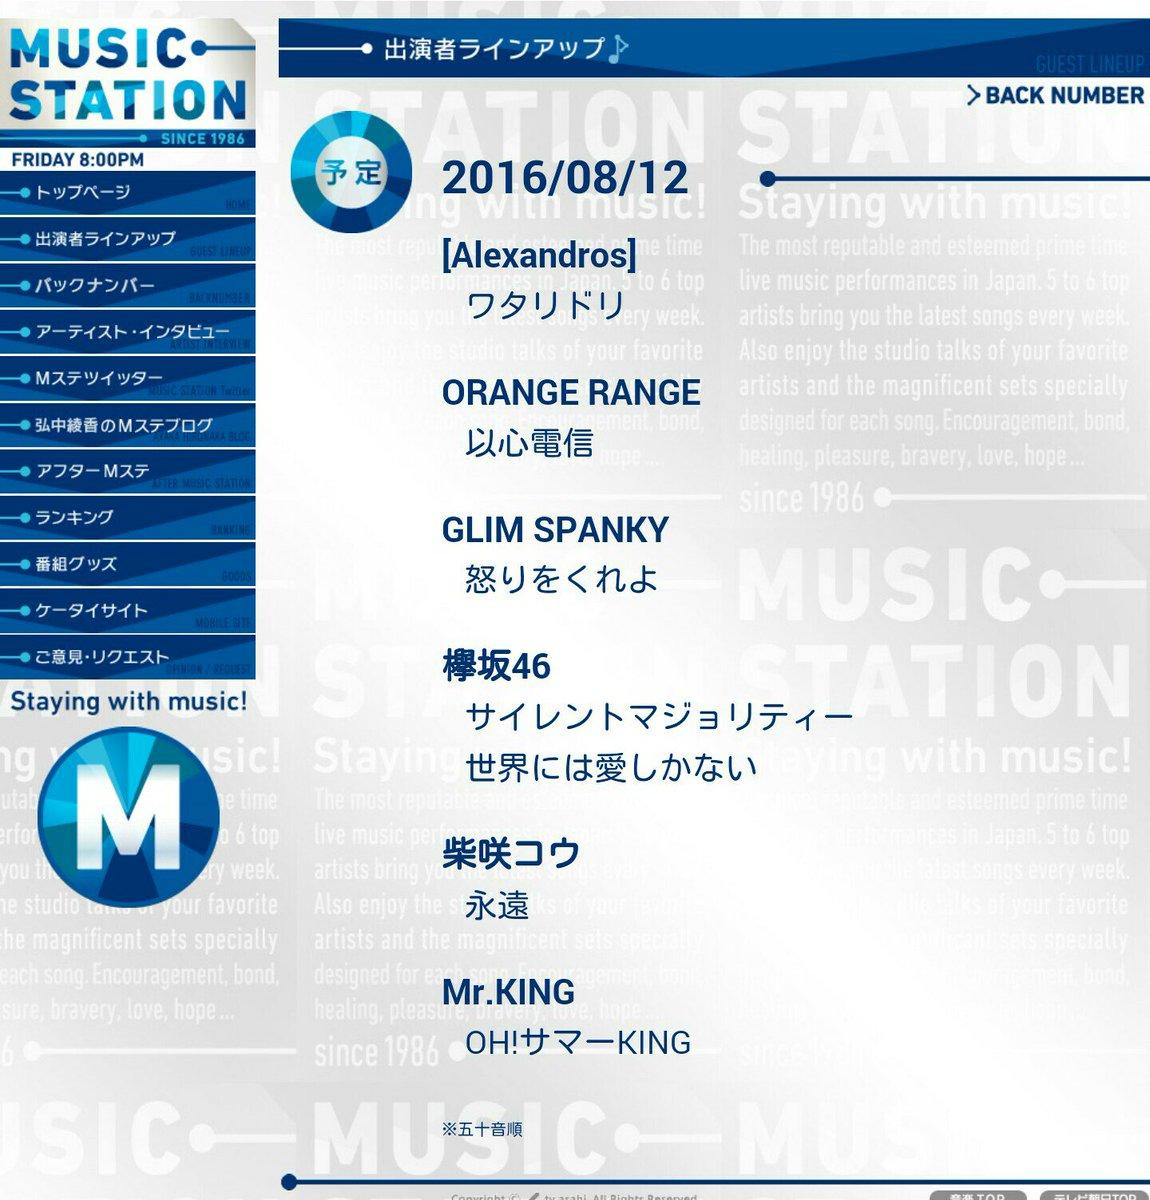 8/12(金) Mステ Mr.KING OH!サマーKING  テレビ朝日|ミュージックステーション https://t.co/XkEKgm5mFv https://t.co/Bnu0X67YRW